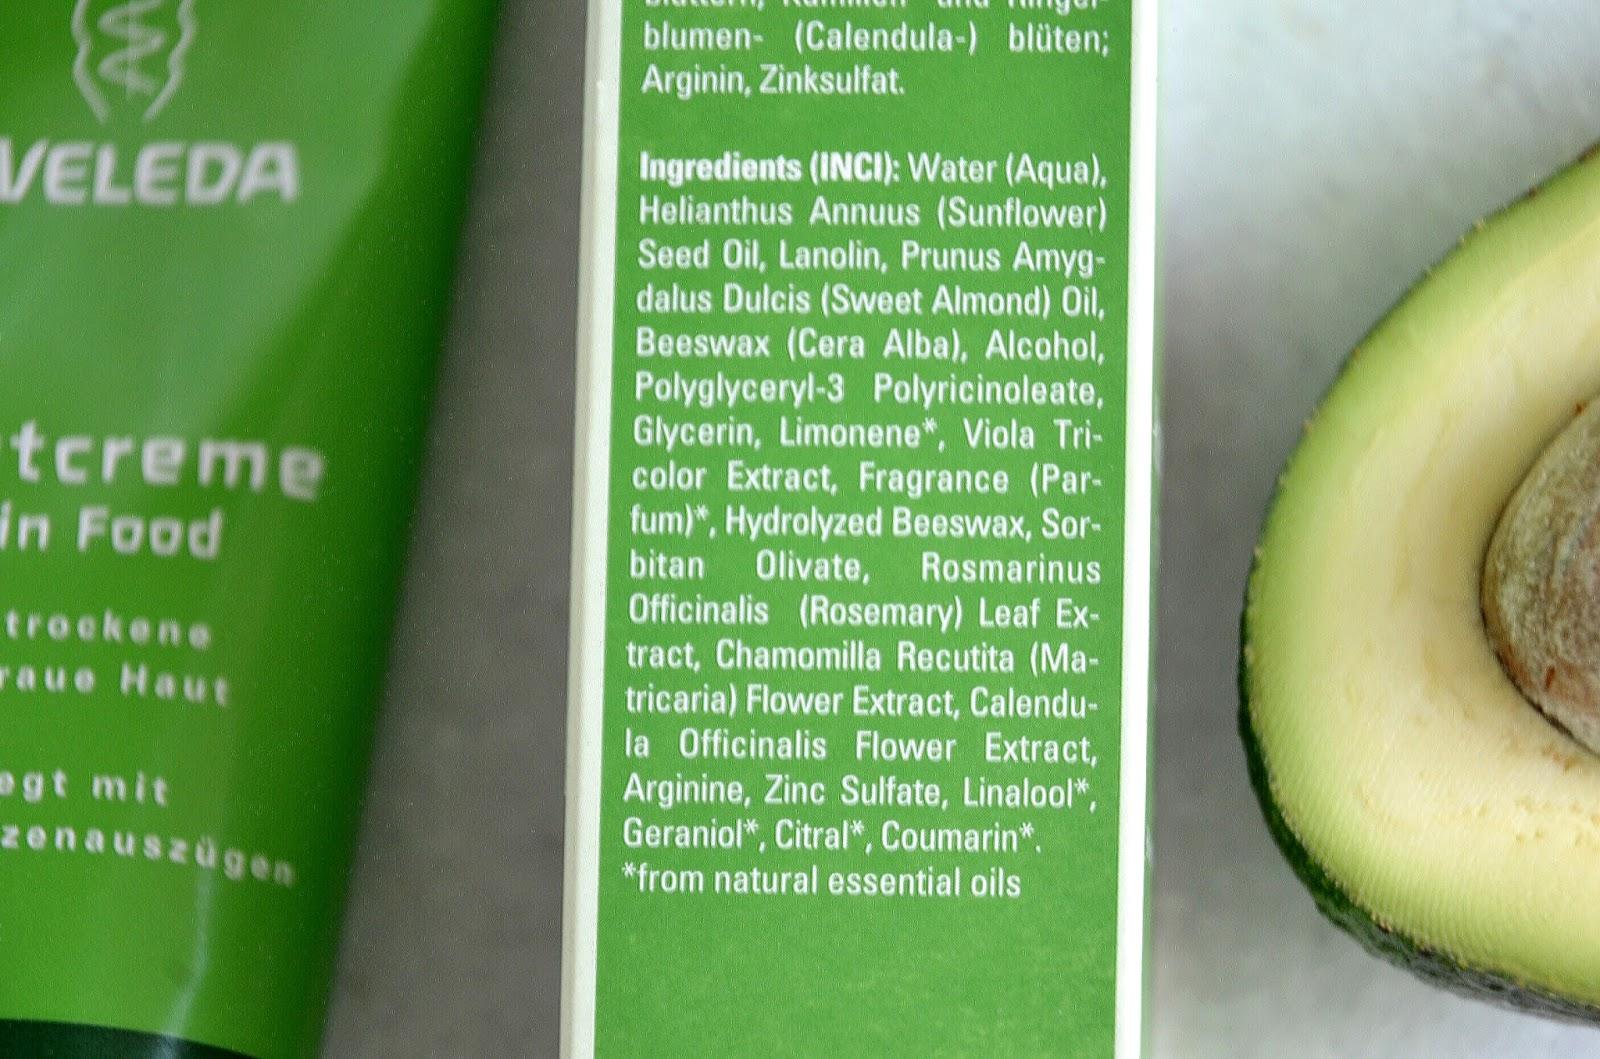 weleda skin food ingredients